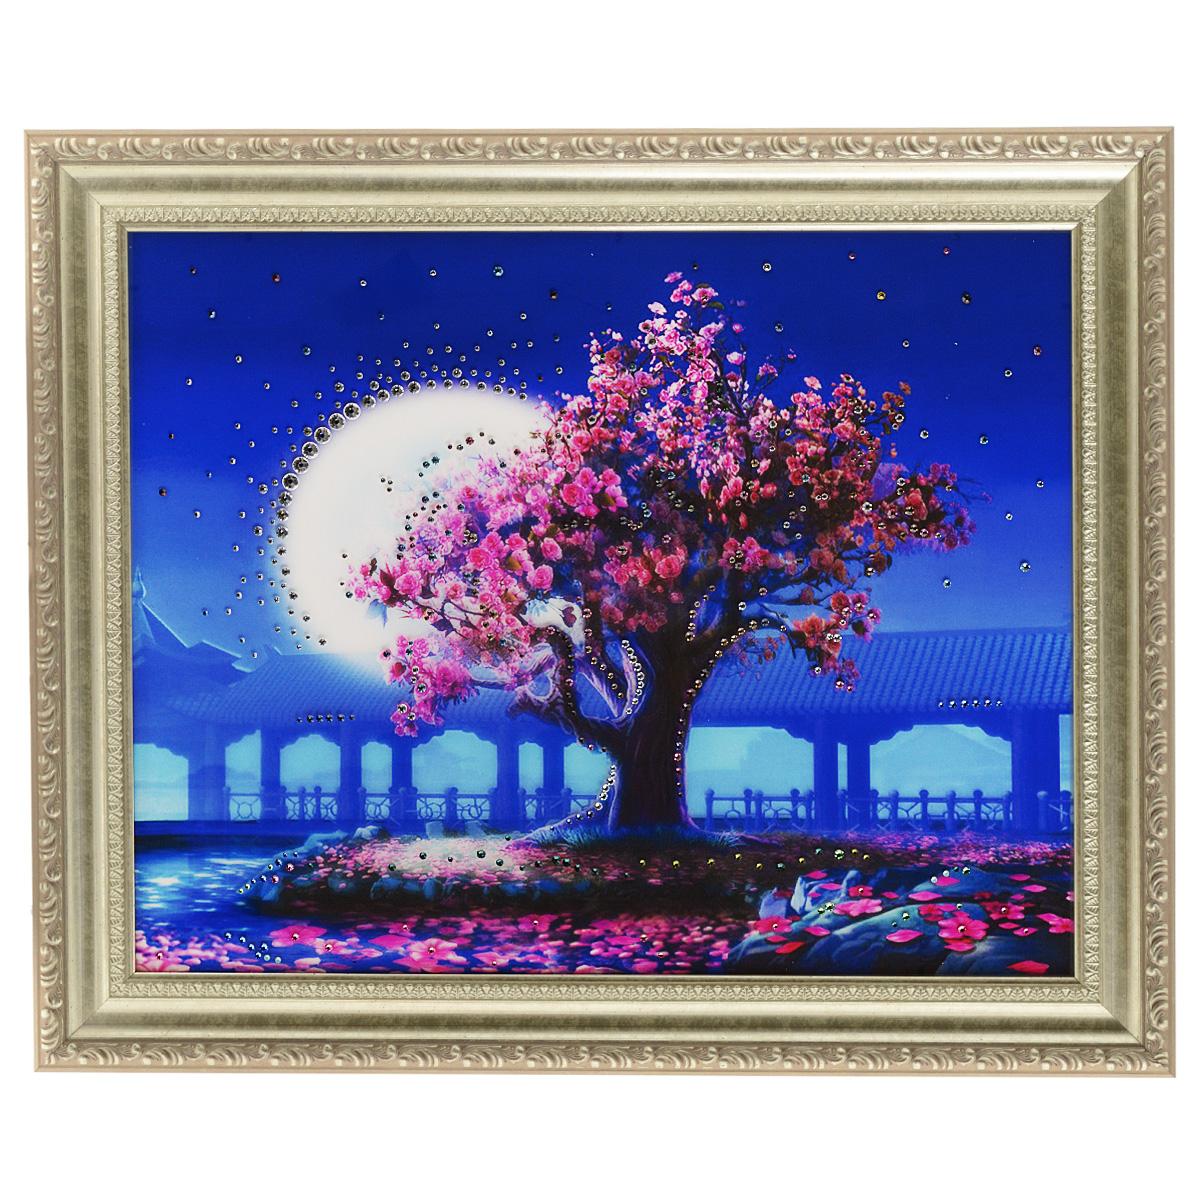 Картина с кристаллами Swarovski Лунный свет, 60 х 50 смNI 22Изящная картина в багетной раме, инкрустирована кристаллами Swarovski, которые отличаются четкой и ровной огранкой, ярким блеском и чистотой цвета. Красочное изображение сада в лунном свете, расположенное на внутренней стороне стекла, прекрасно дополняет блеск кристаллов. С обратной стороны имеется металлическая проволока для размещения картины на стене. Картина с кристаллами Swarovski Лунный свет элегантно украсит интерьер дома или офиса, а также станет прекрасным подарком, который обязательно понравится получателю. Блеск кристаллов в интерьере, что может быть сказочнее и удивительнее. Картина упакована в подарочную картонную коробку синего цвета и комплектуется сертификатом соответствия Swarovski.